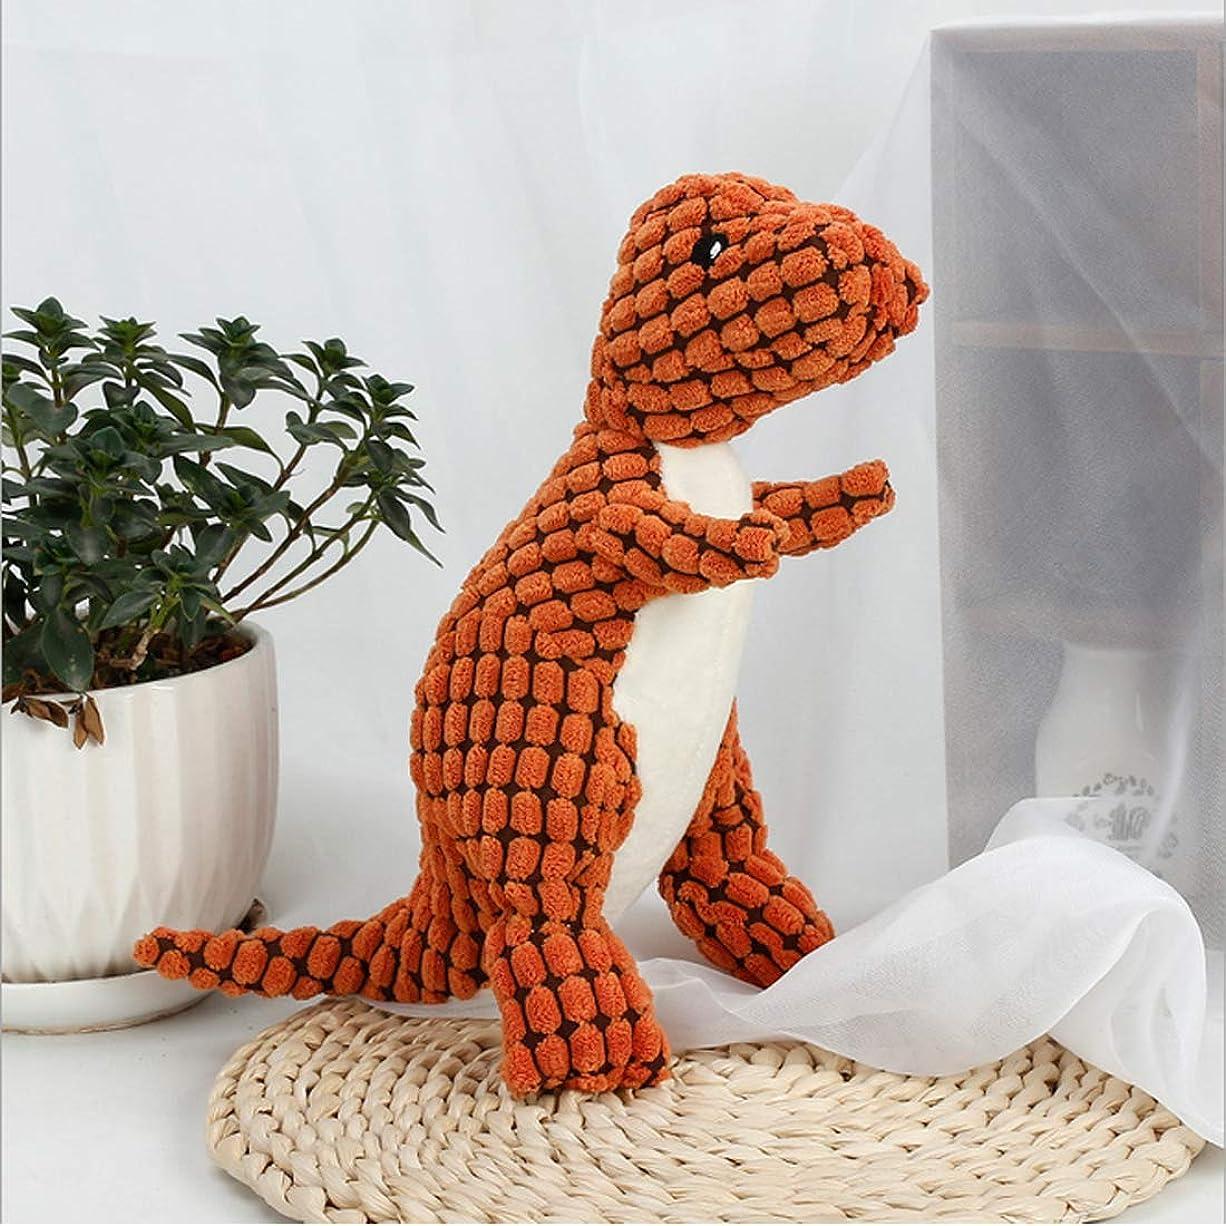 ぶどう独立したしなければならないYiteng 犬用おもちゃ 犬玩具 恐竜おもちゃ 噛むおもちゃ ストレス解消 歯ぎ清潔 ぬいぐるみ 丈夫 発声装置搭載 運動不足 ペットトイ ペット用品 オレンジ